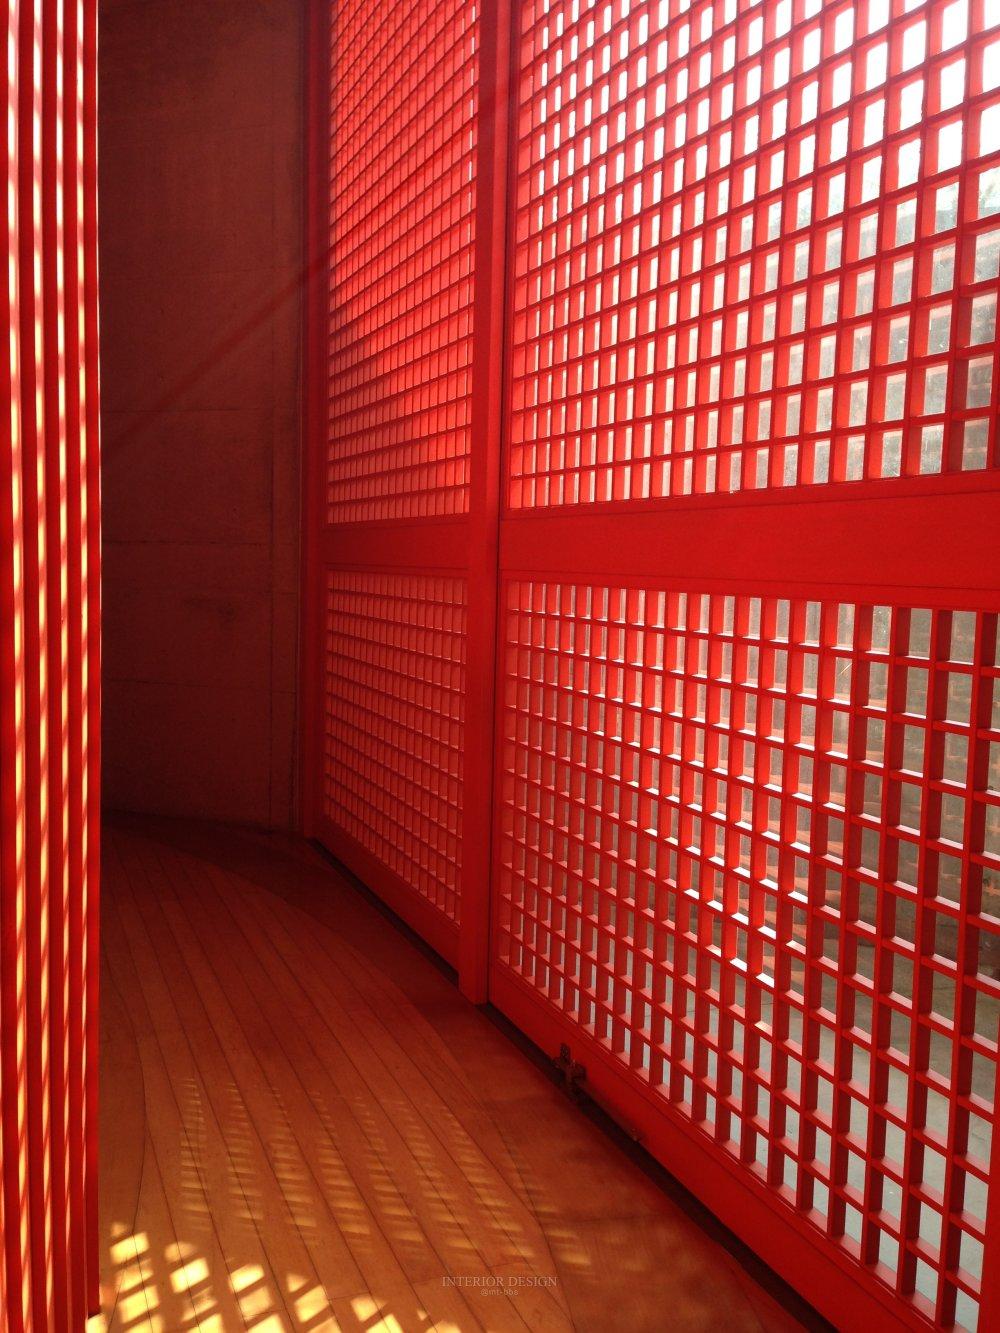 #伙伴一起看日本#  日本设计考察分享(更新美秀美术馆)_IMG_5186.JPG